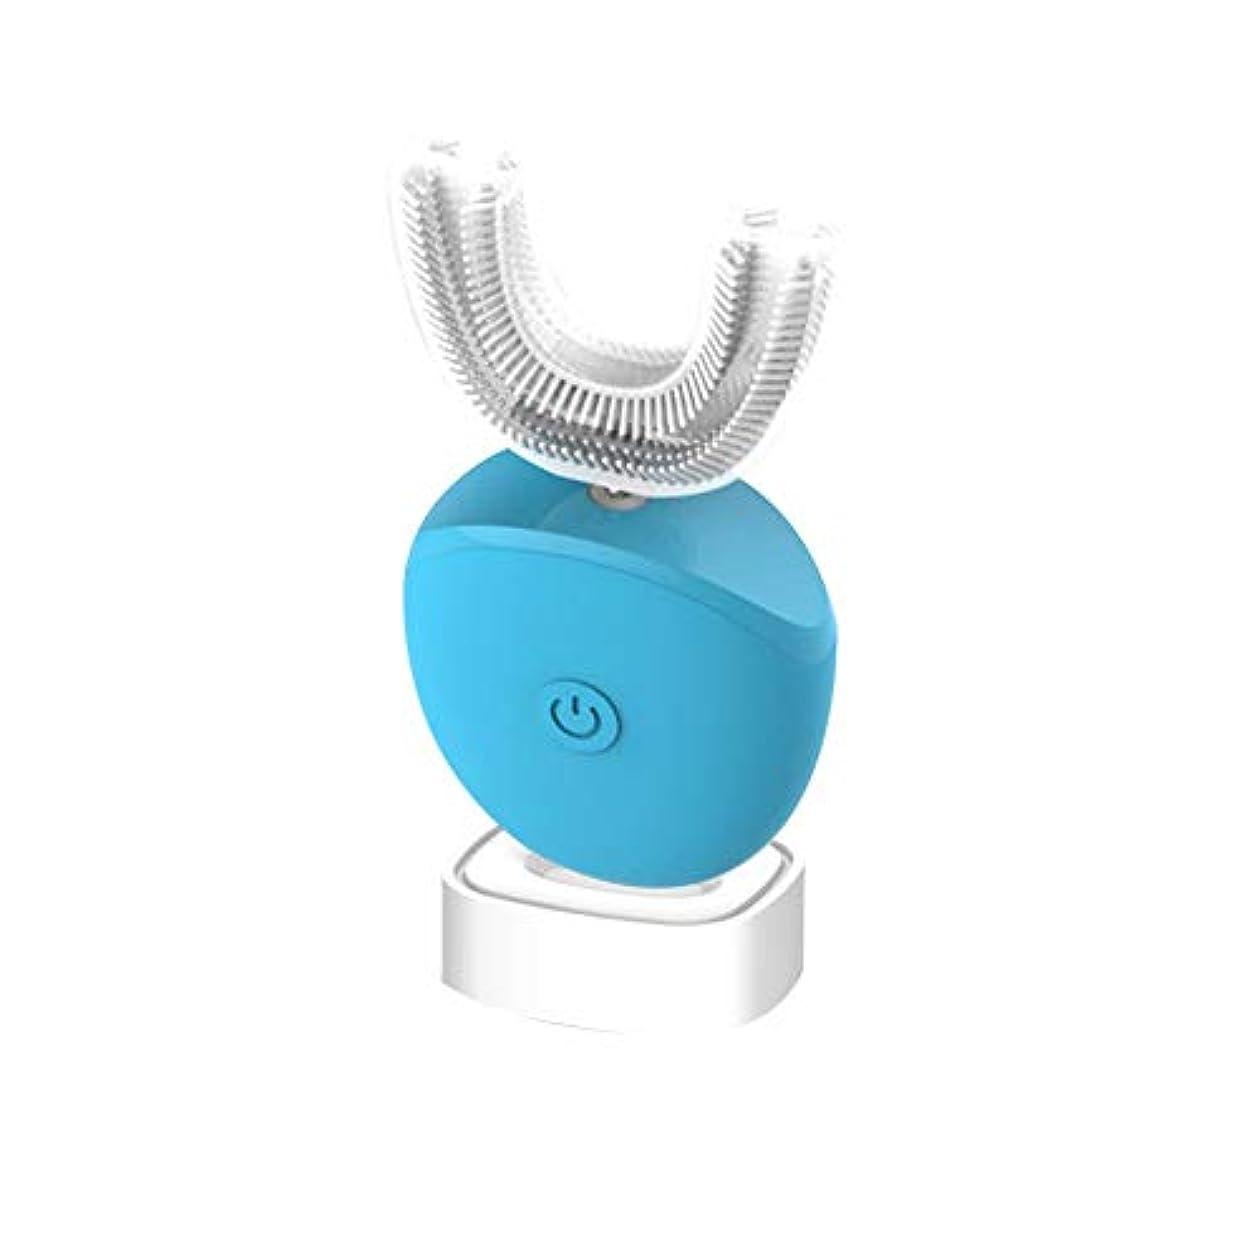 ボルトコインランドリー昆虫を見るフルオートマチック可変周波数電動歯ブラシ、自動360度U字型電動歯ブラシ、ワイヤレス充電IPX7防水自動歯ブラシ(大人用),Blue